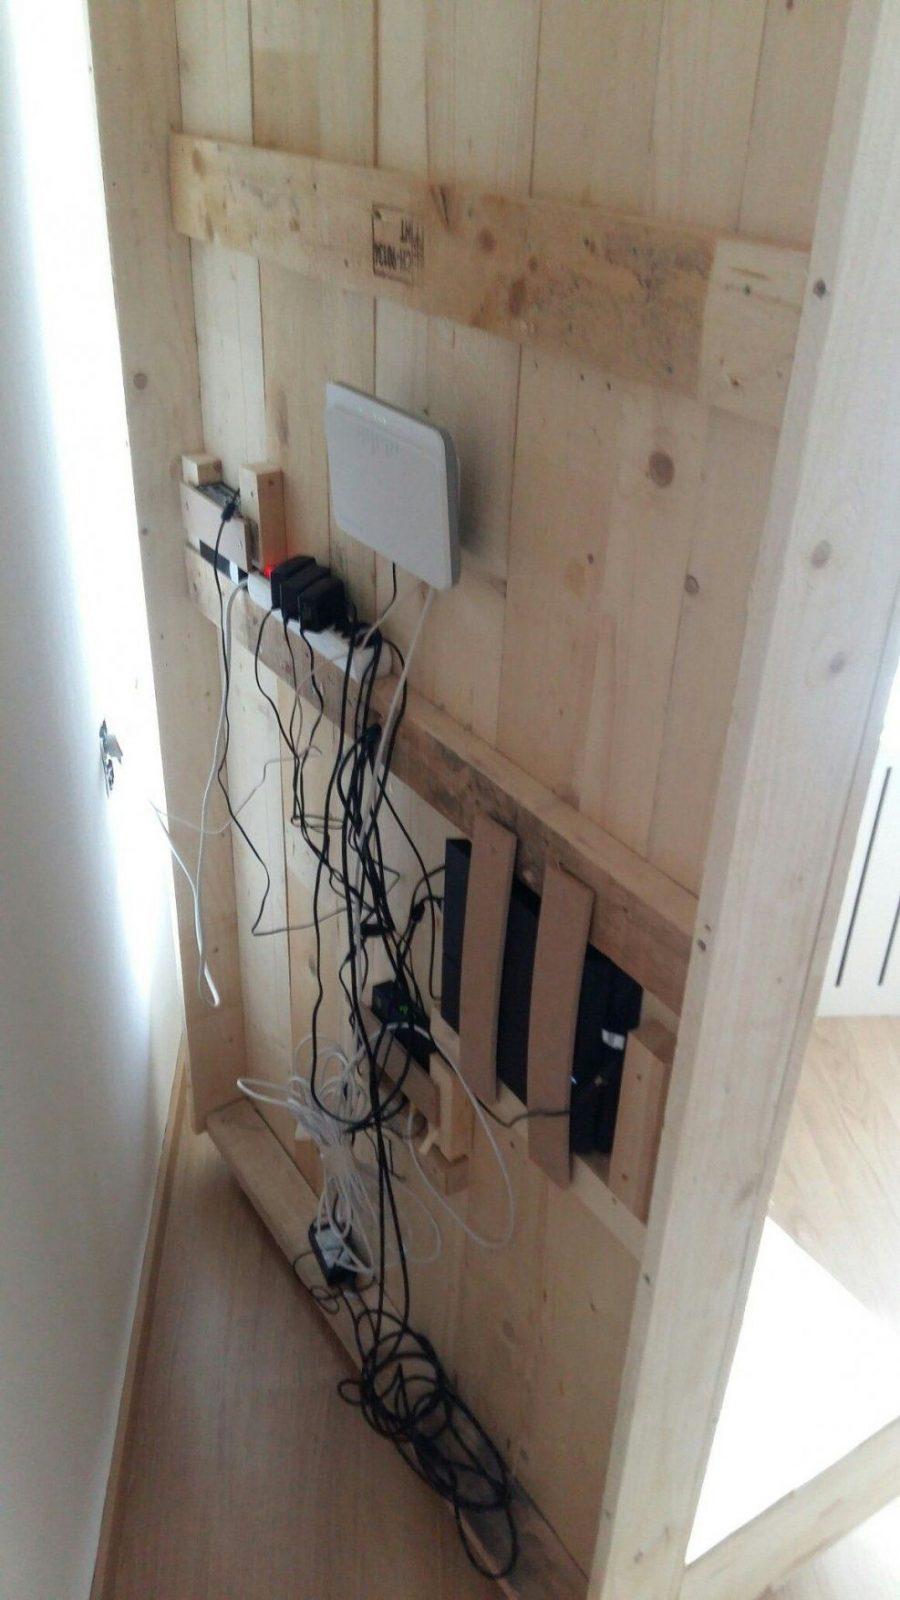 Tvrückwand Selbst Bauen Alle Kabel Verschwinden Hinter Der von Fernseher An Wand Kabel Verstecken Bild